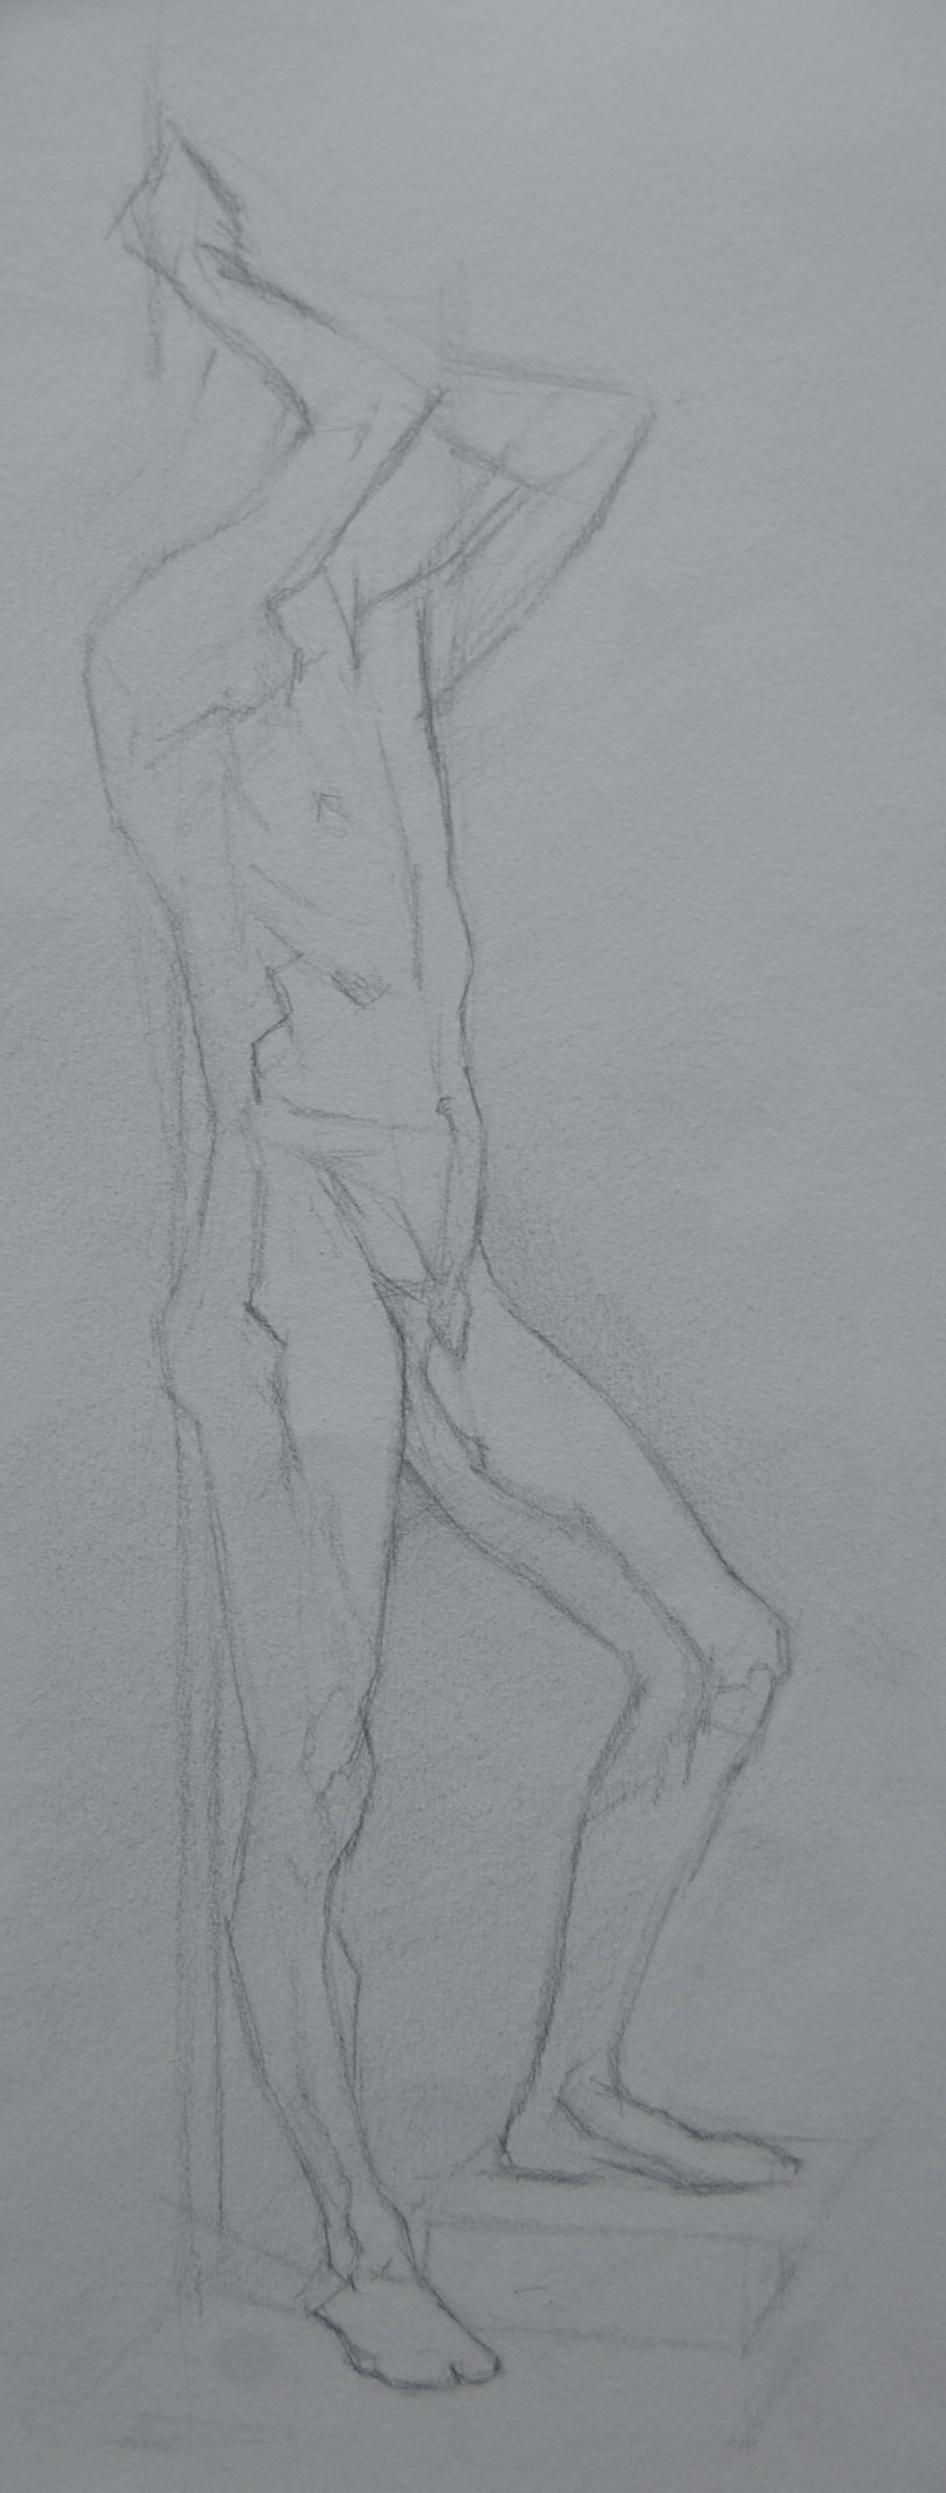 carlo, pencil on paper, 2012